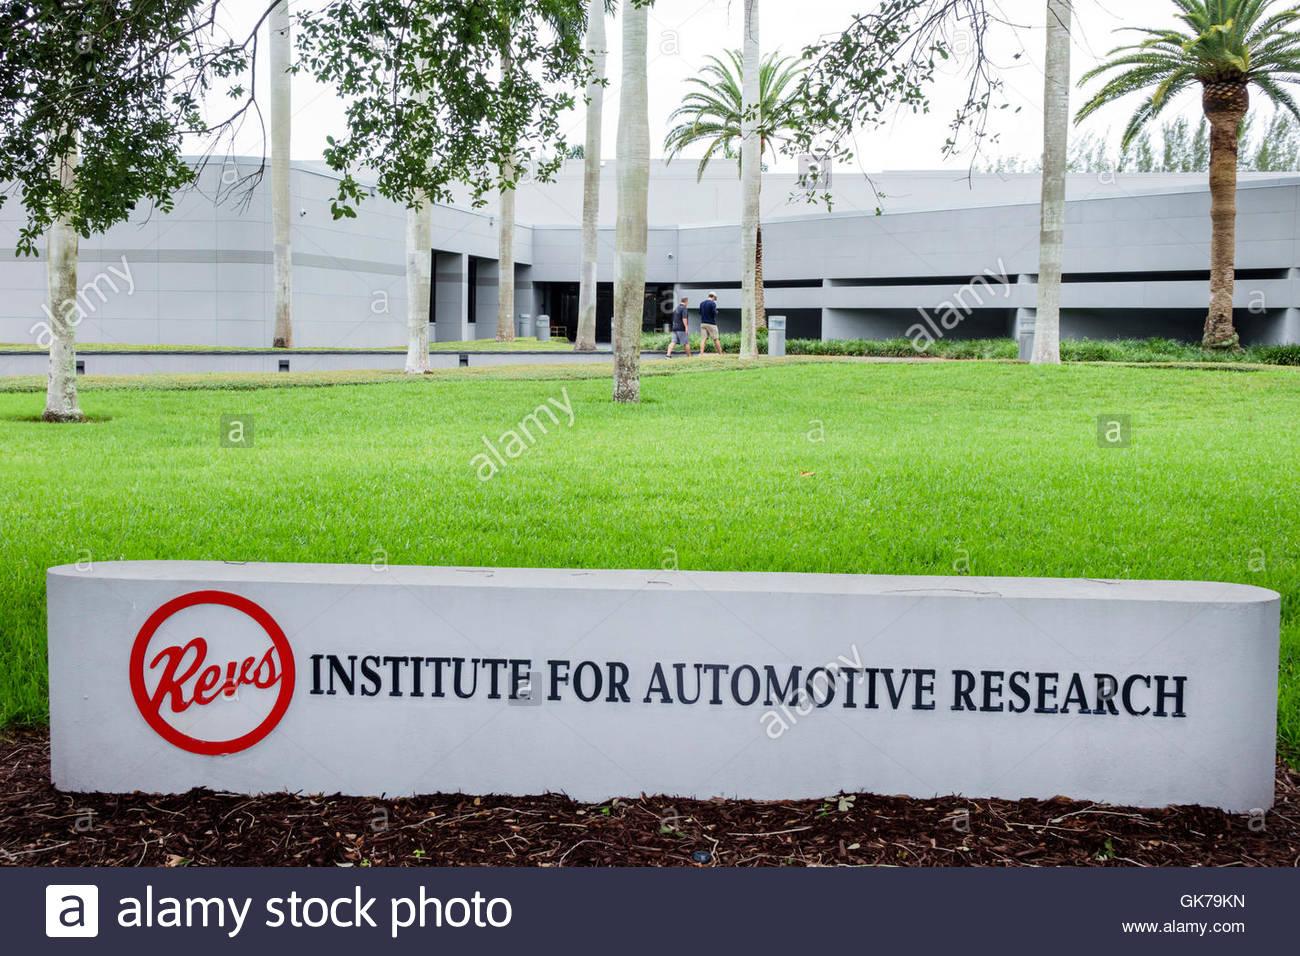 Florida, Sur, Nápoles, Instituto de Investigación Automotriz, automoción, coche, museo, miles Collier, colección privada, automóviles raros, racecar, Foto de stock